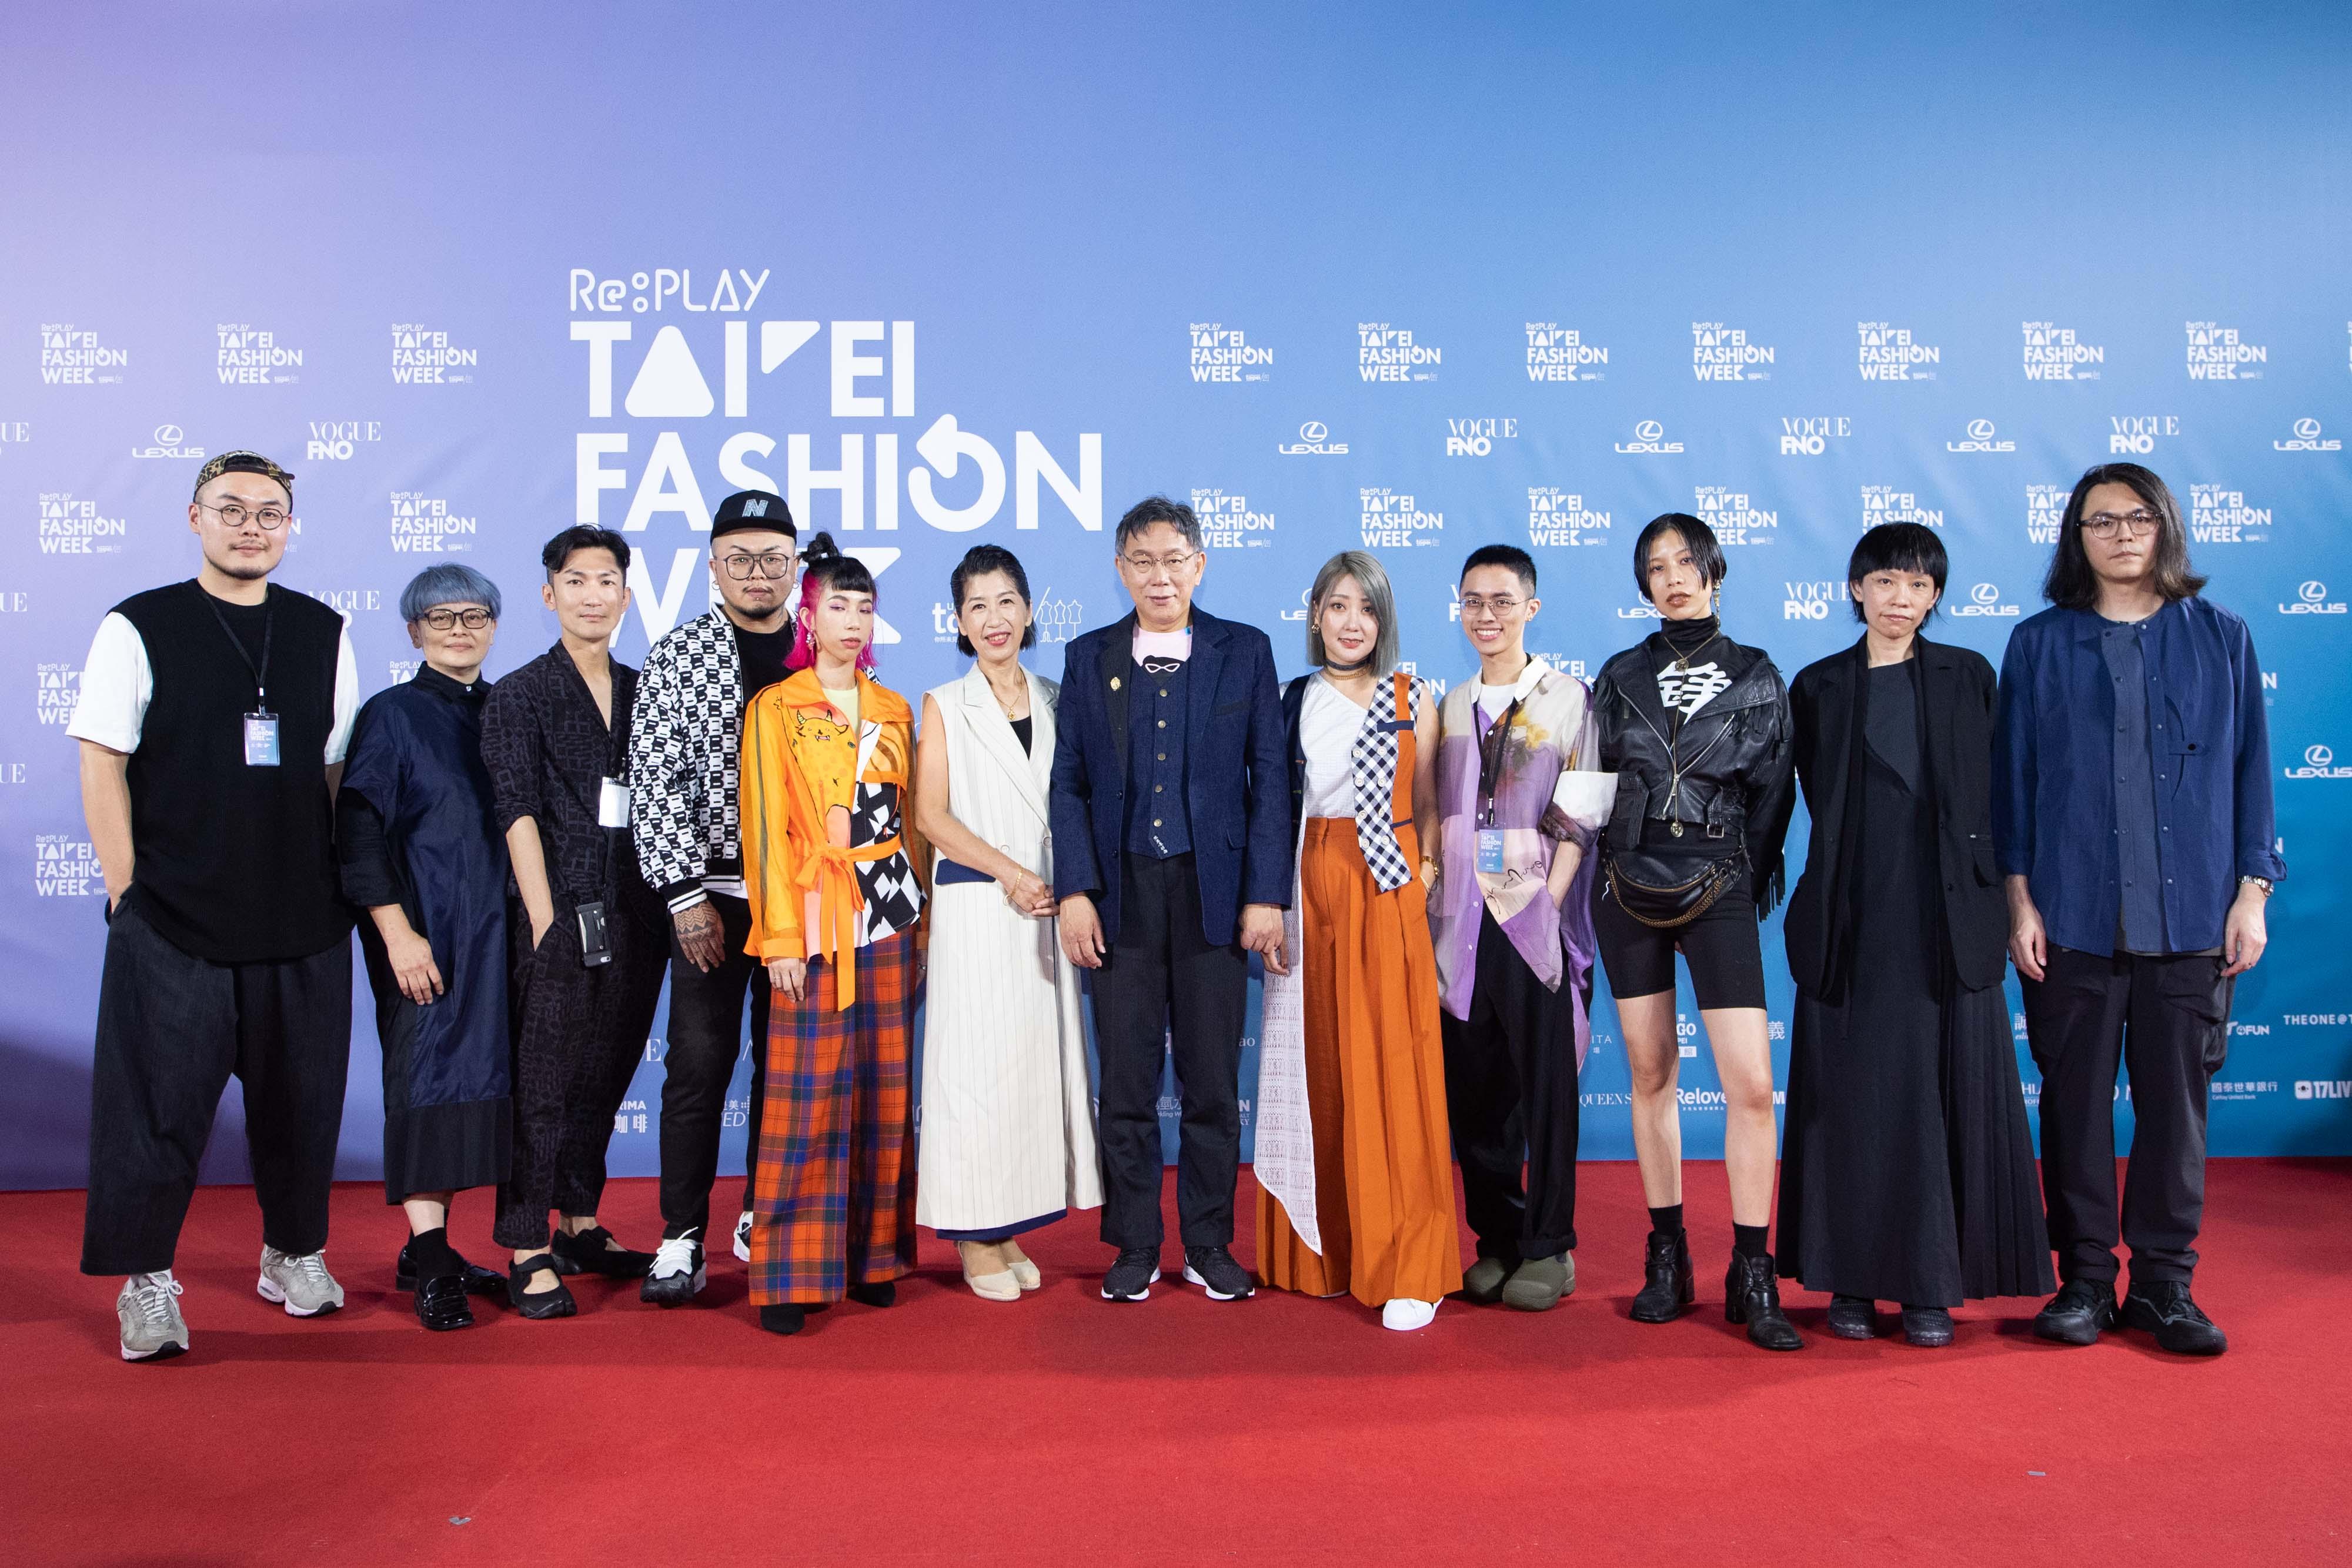 新銳與國際級台灣設計師聯手時裝展演